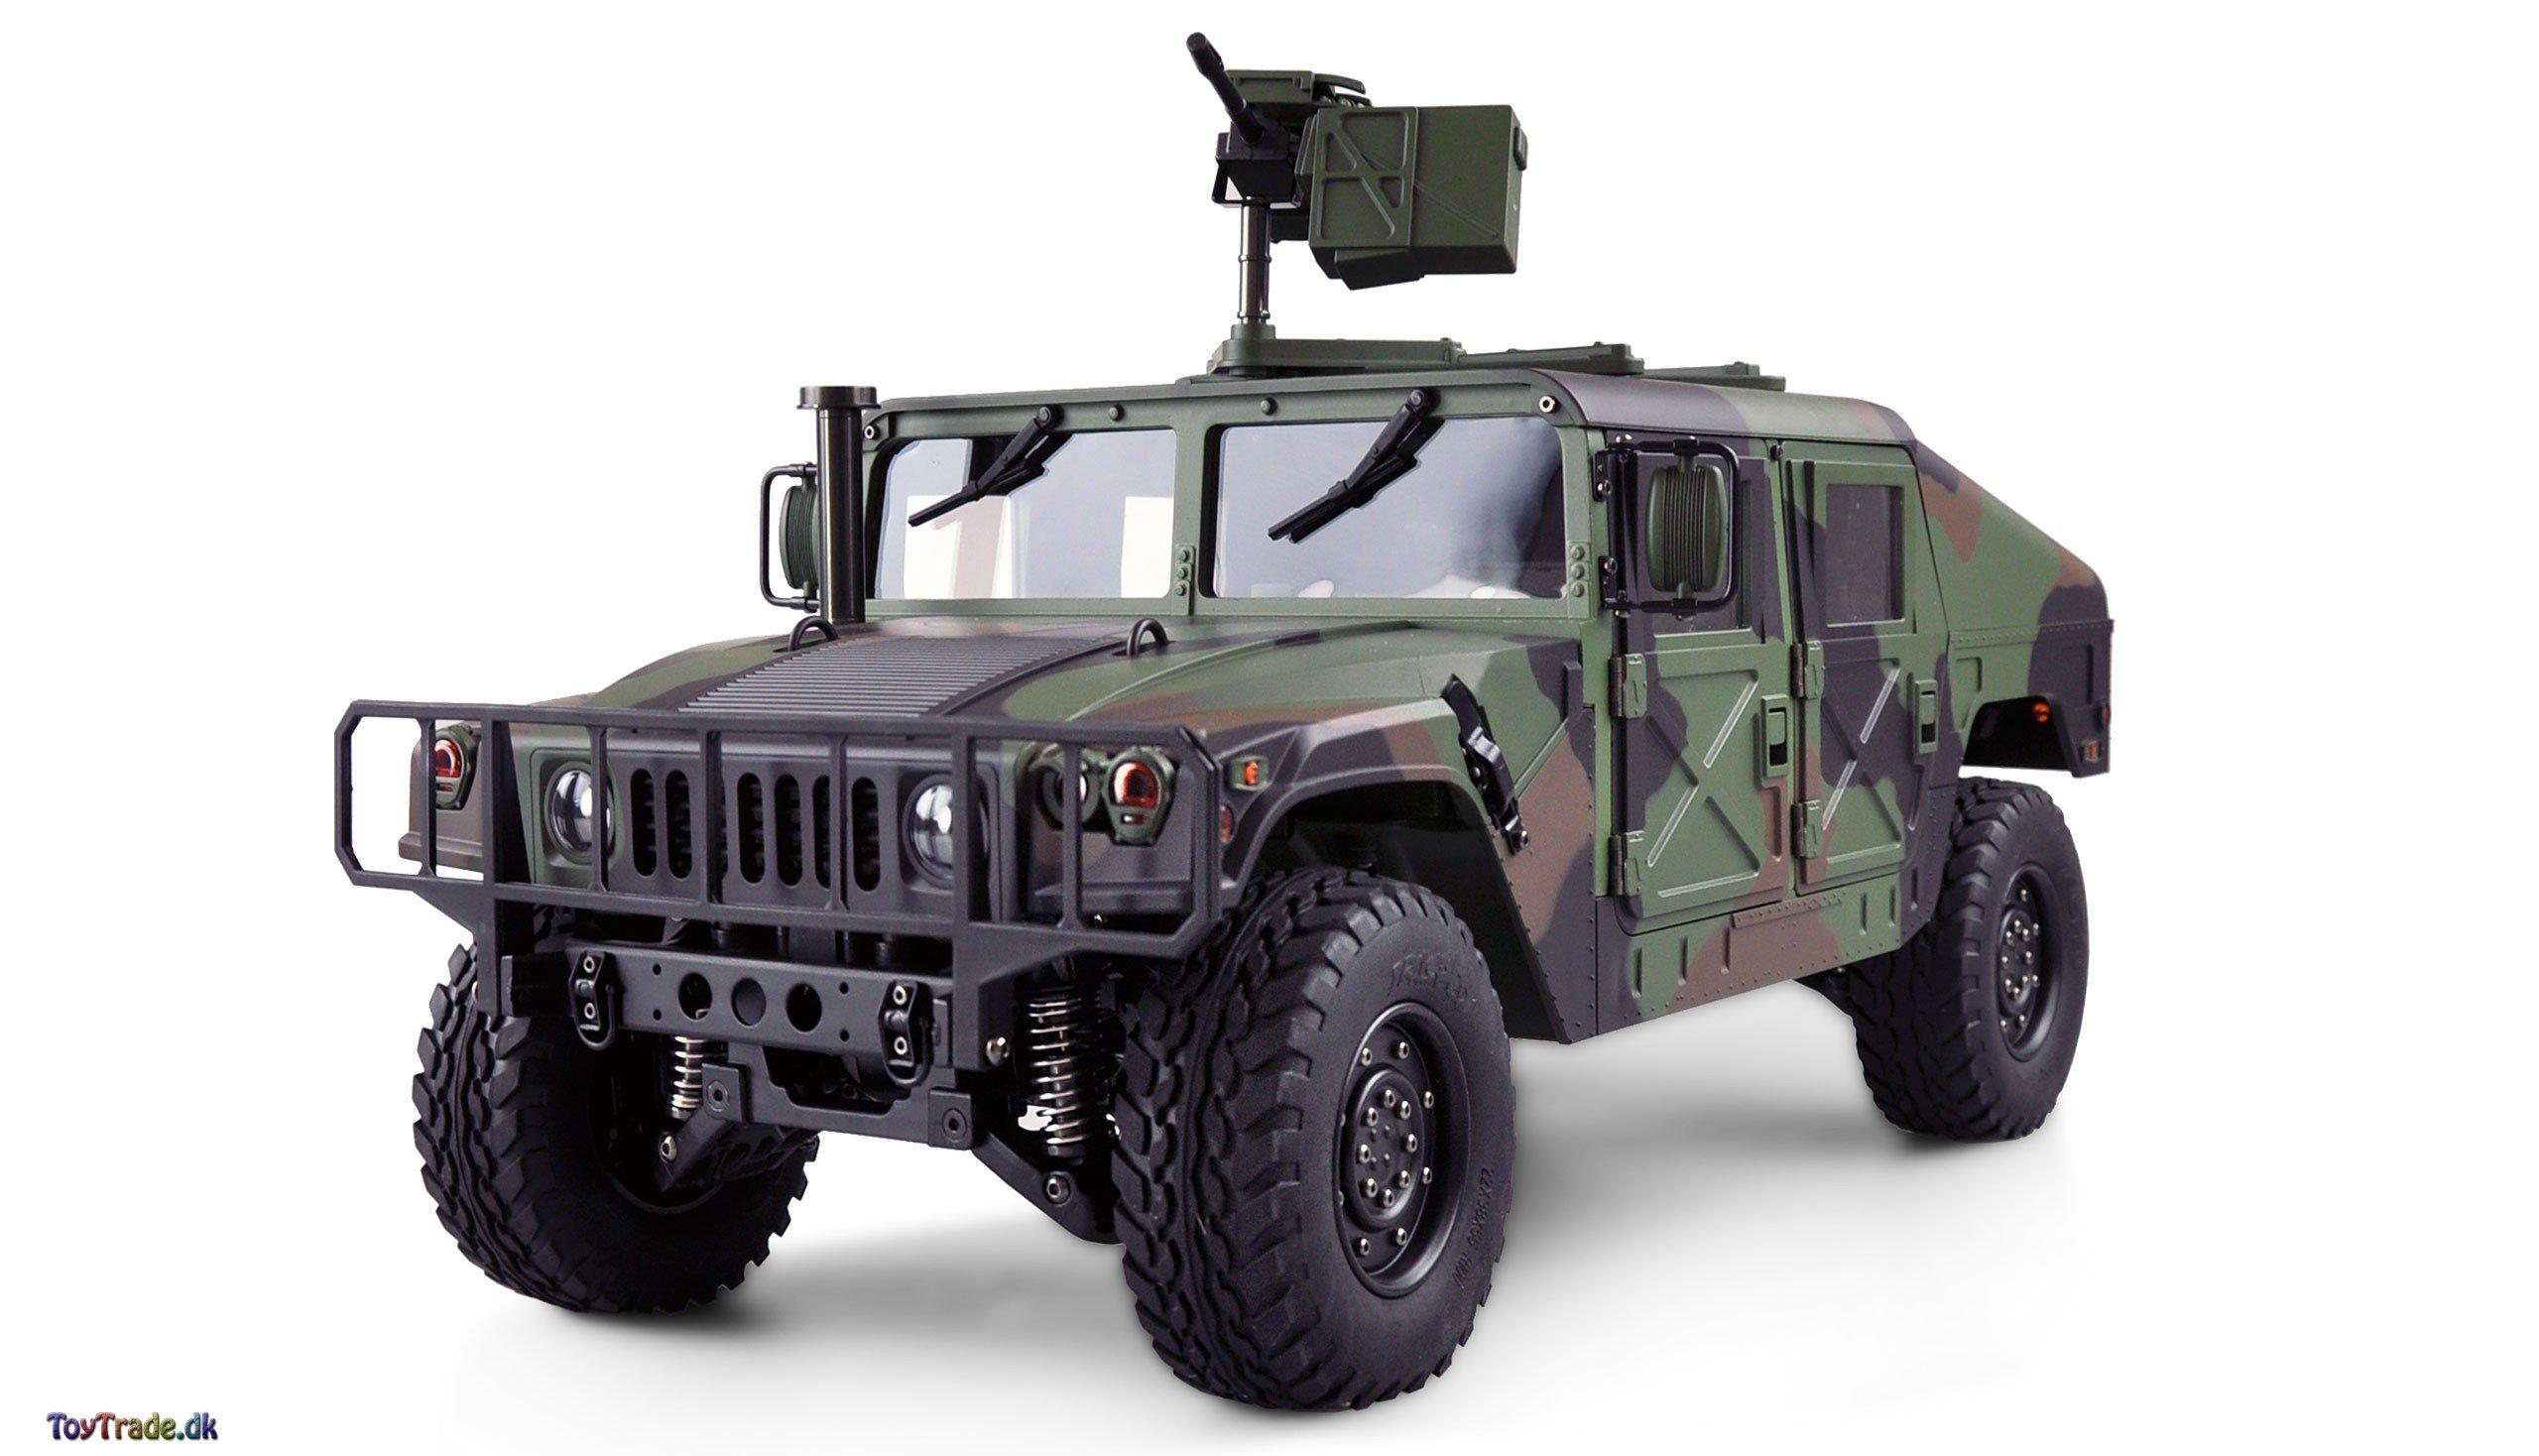 Fjernstyret bil U.S. Militærkøretøj 4X4 RTR 1:10 - Camouflage (RC bil Humwee)